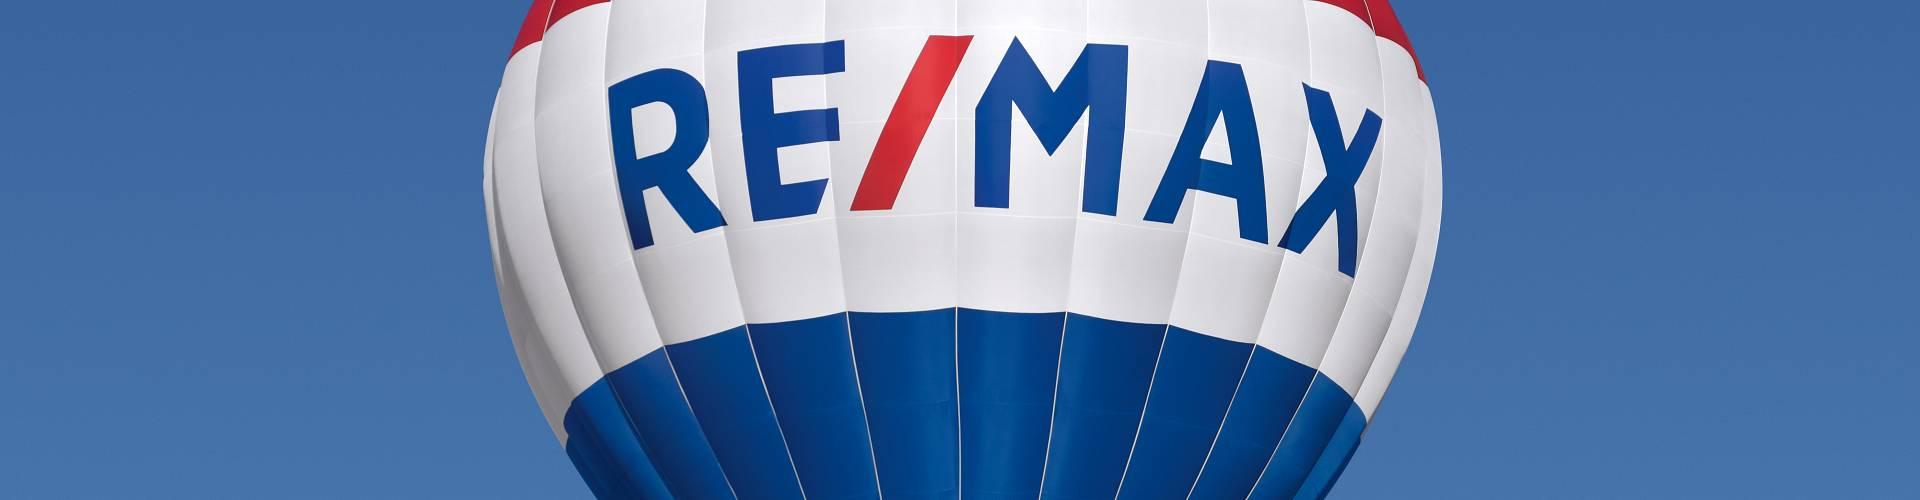 RE/MAX - die Nr. 1 in Österreich und weltweit